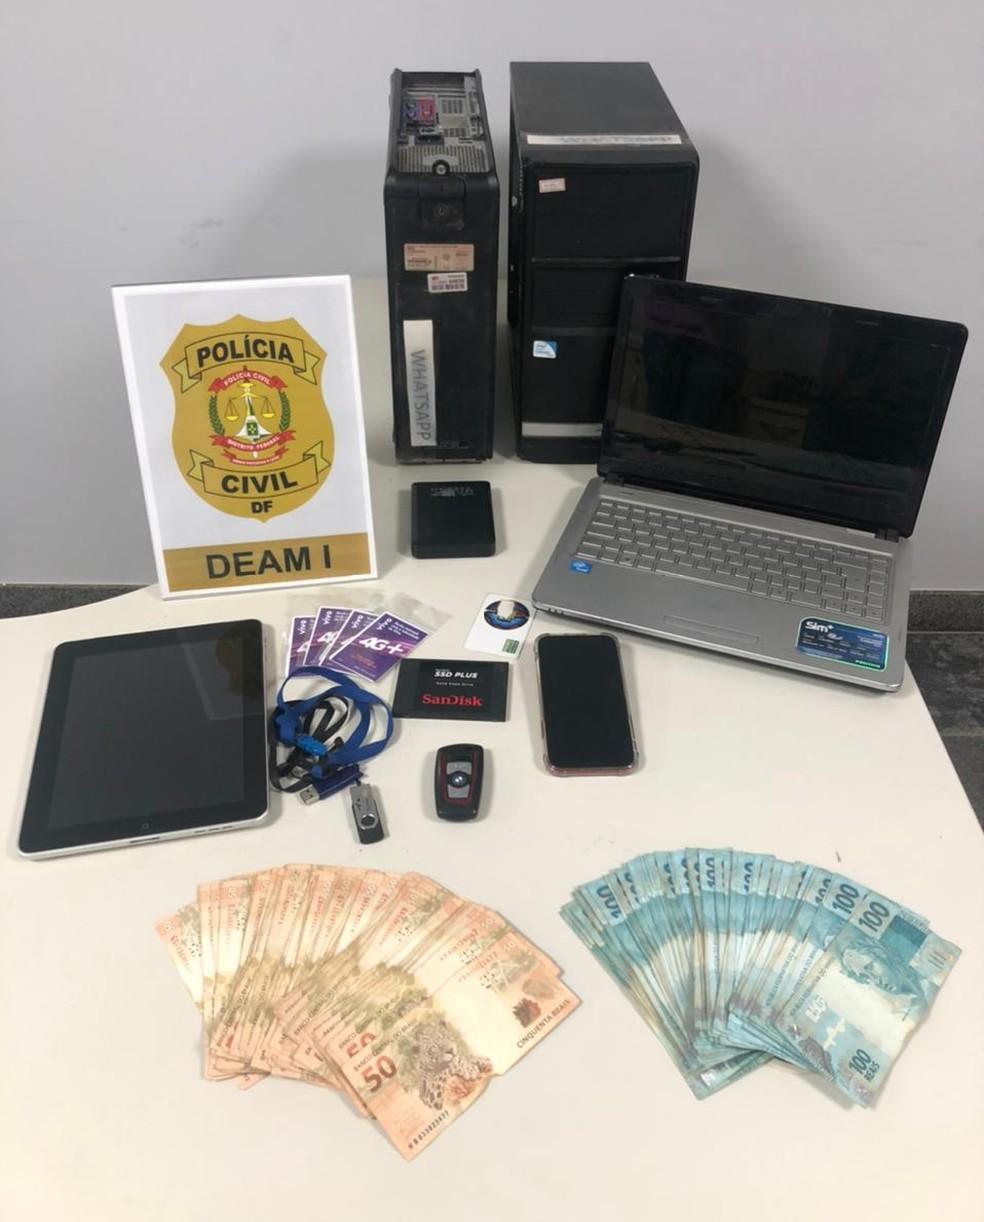 Na casa do suspeito de sugar daddy, policiais da Deam-DF apreenderam dinheiro, celular e computadores — Foto: Polícia Civil do DF /reprodução